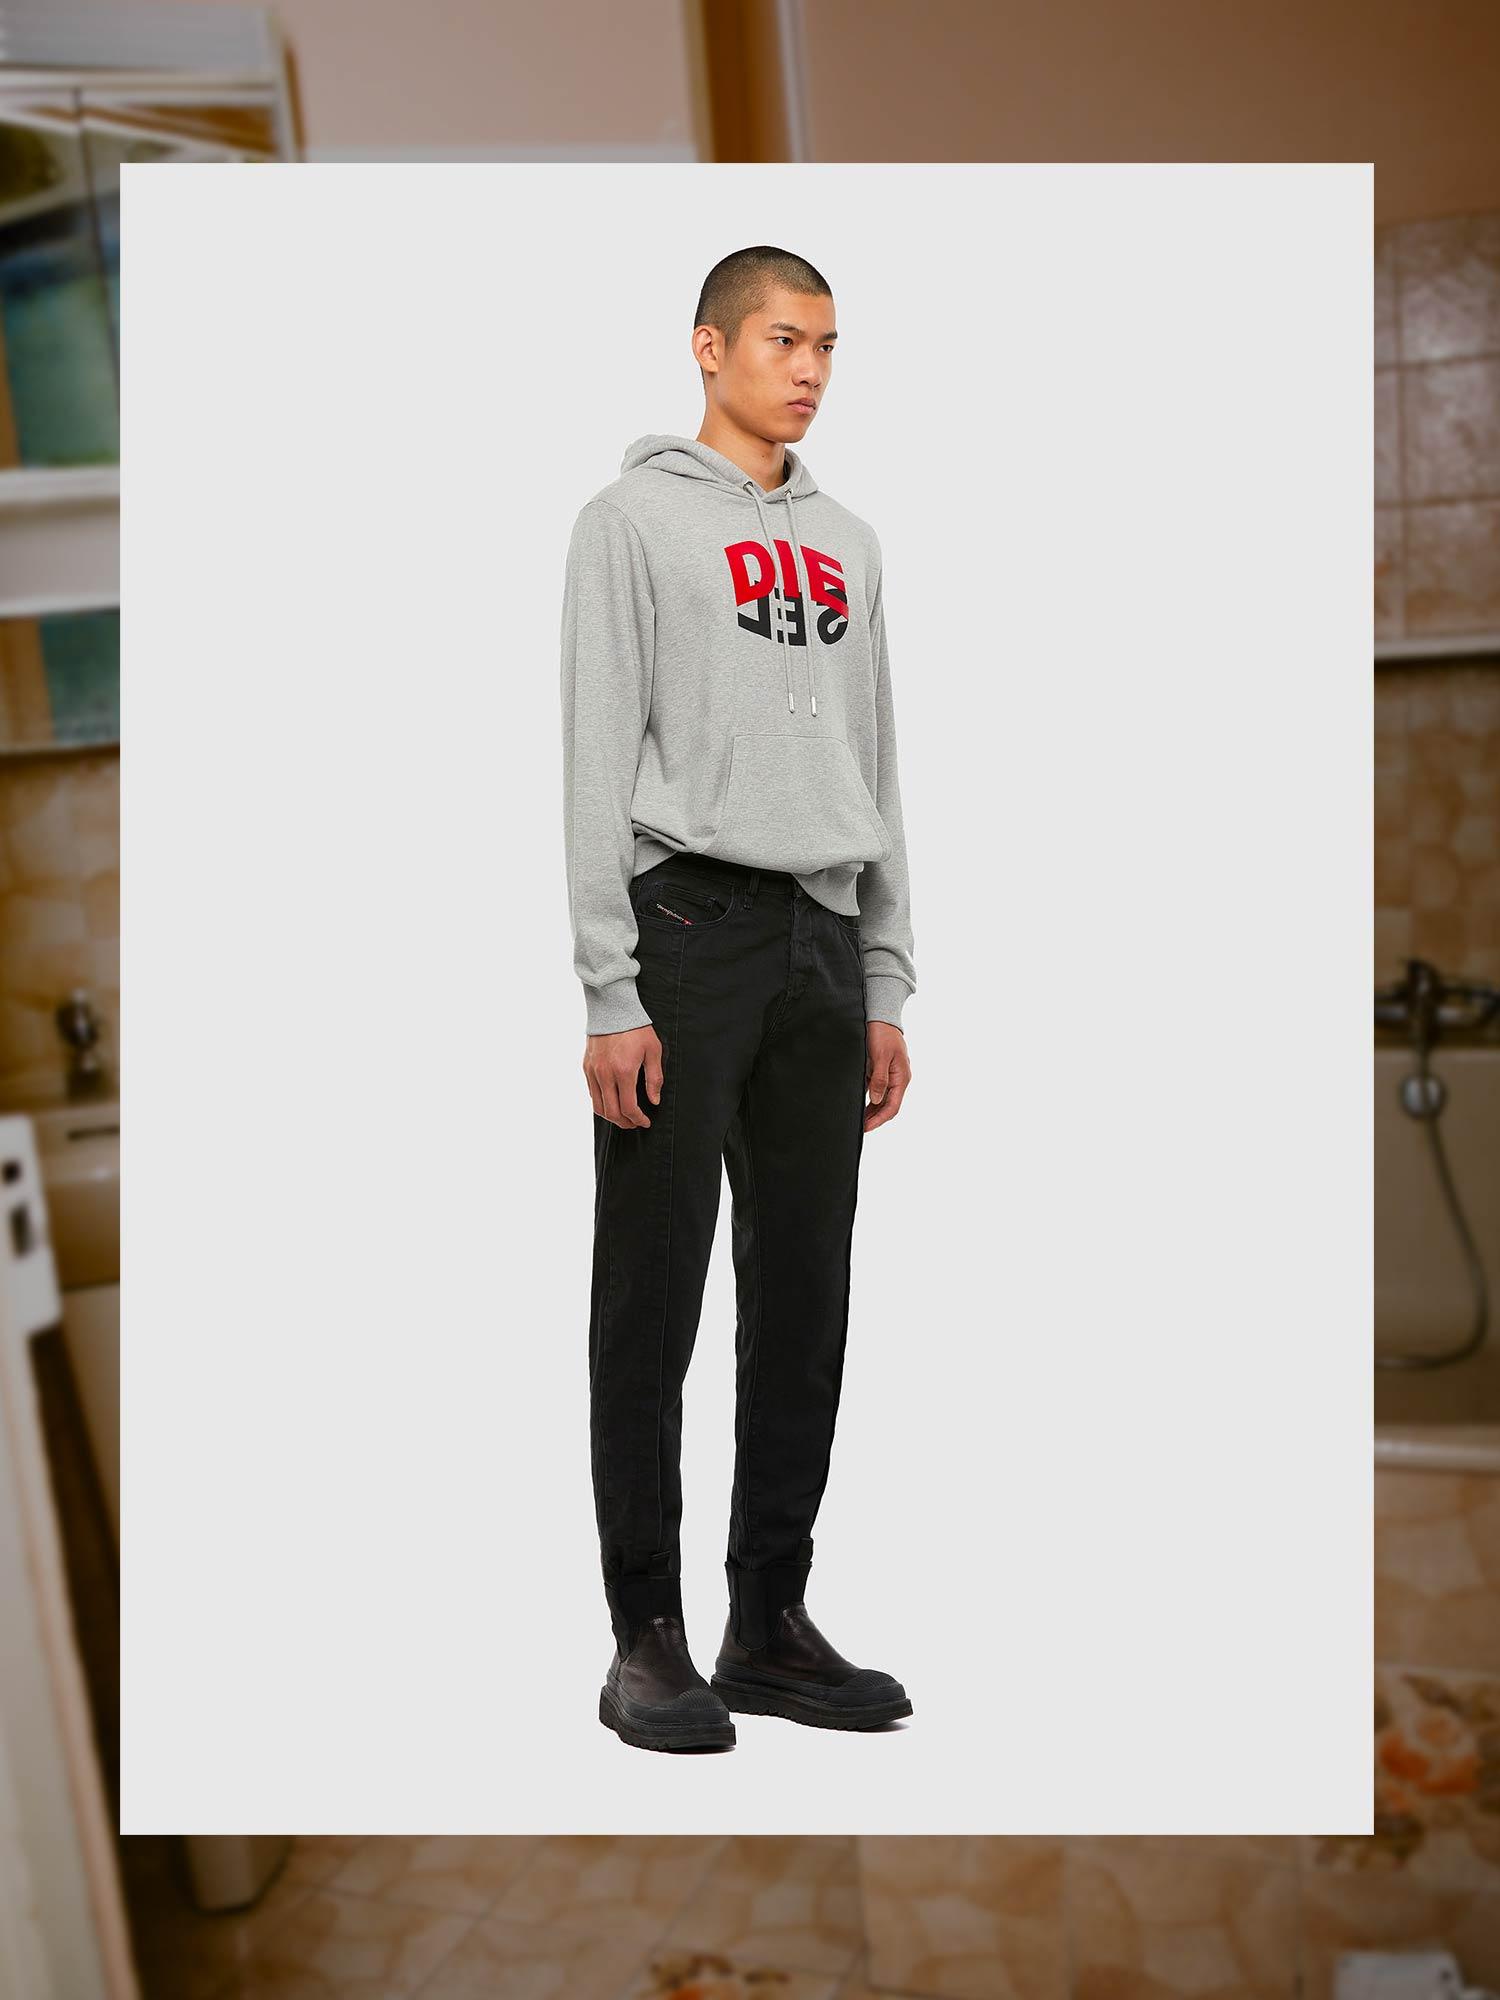 Diesel Jeans Carrot Fit: D-Vider | Shop Now on Diesel.com